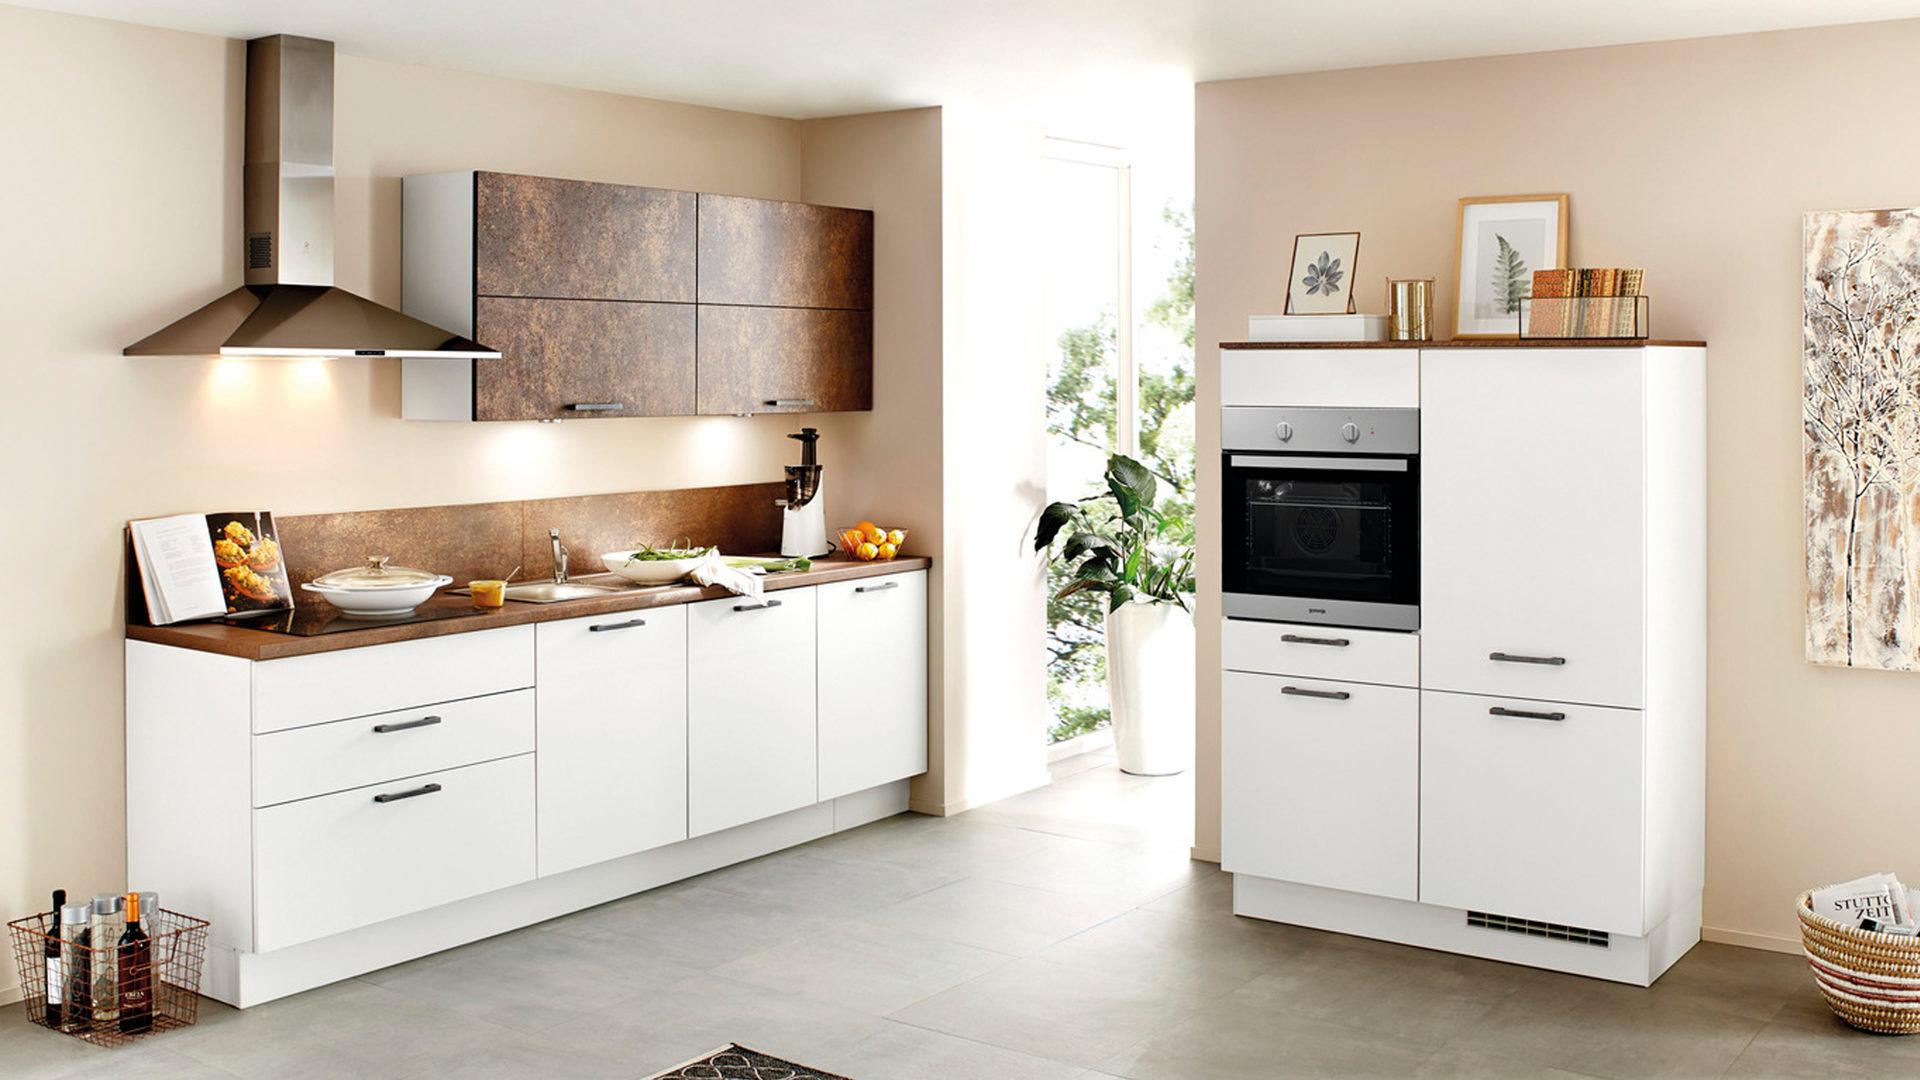 Möbel Steffens Küchen möbel steffens lamstedt räume küche einbauküche mit gorenje